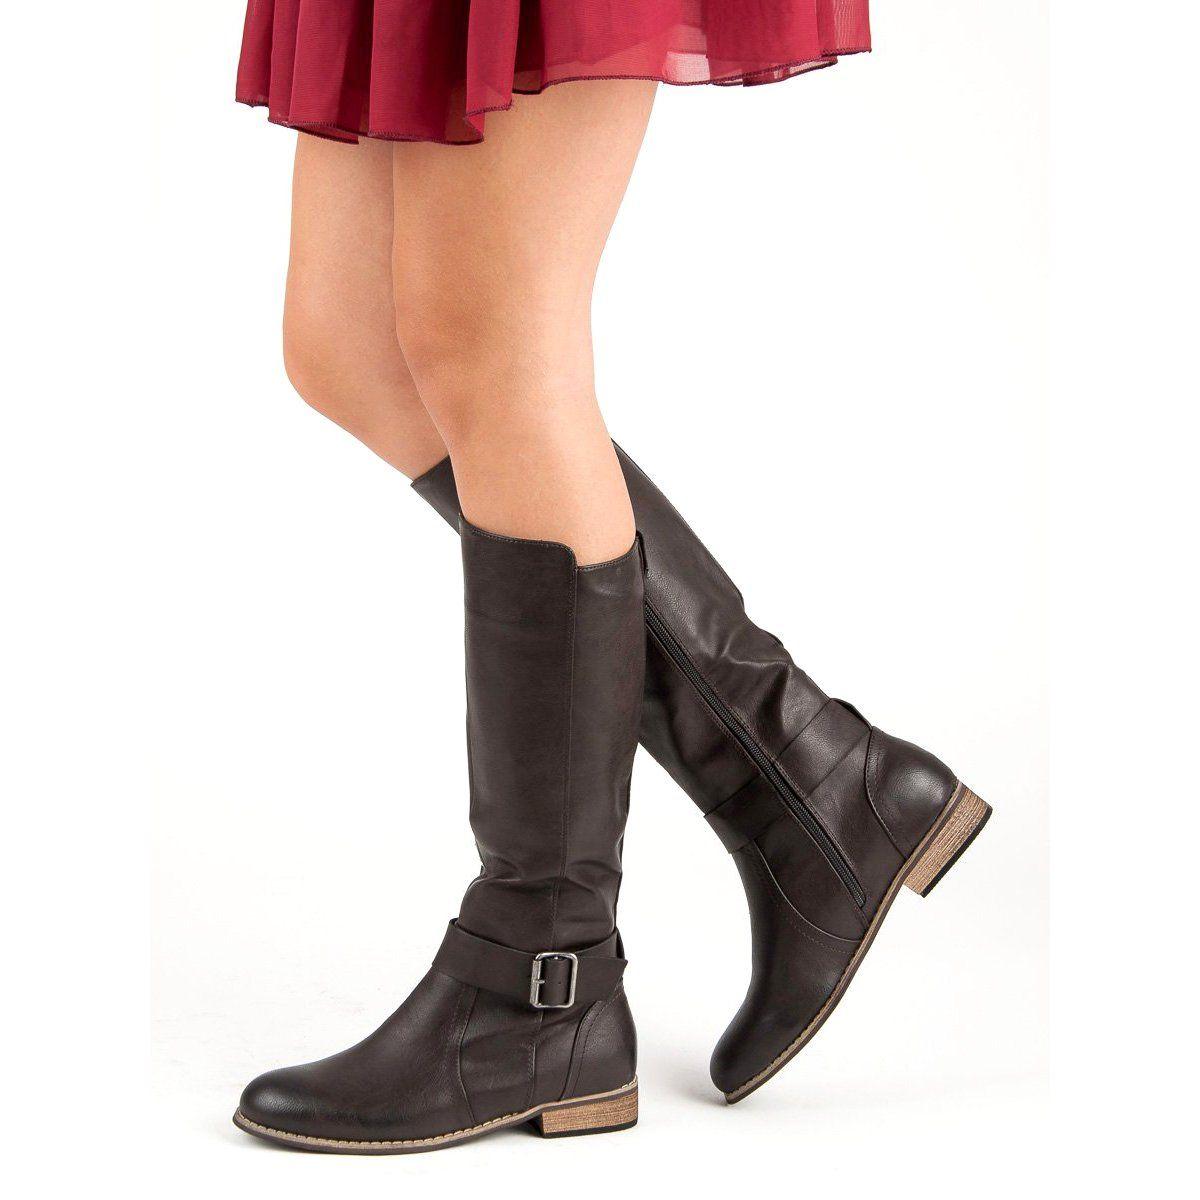 Klasyczne oficerki brązowe Biker boot, Boots, Fashion